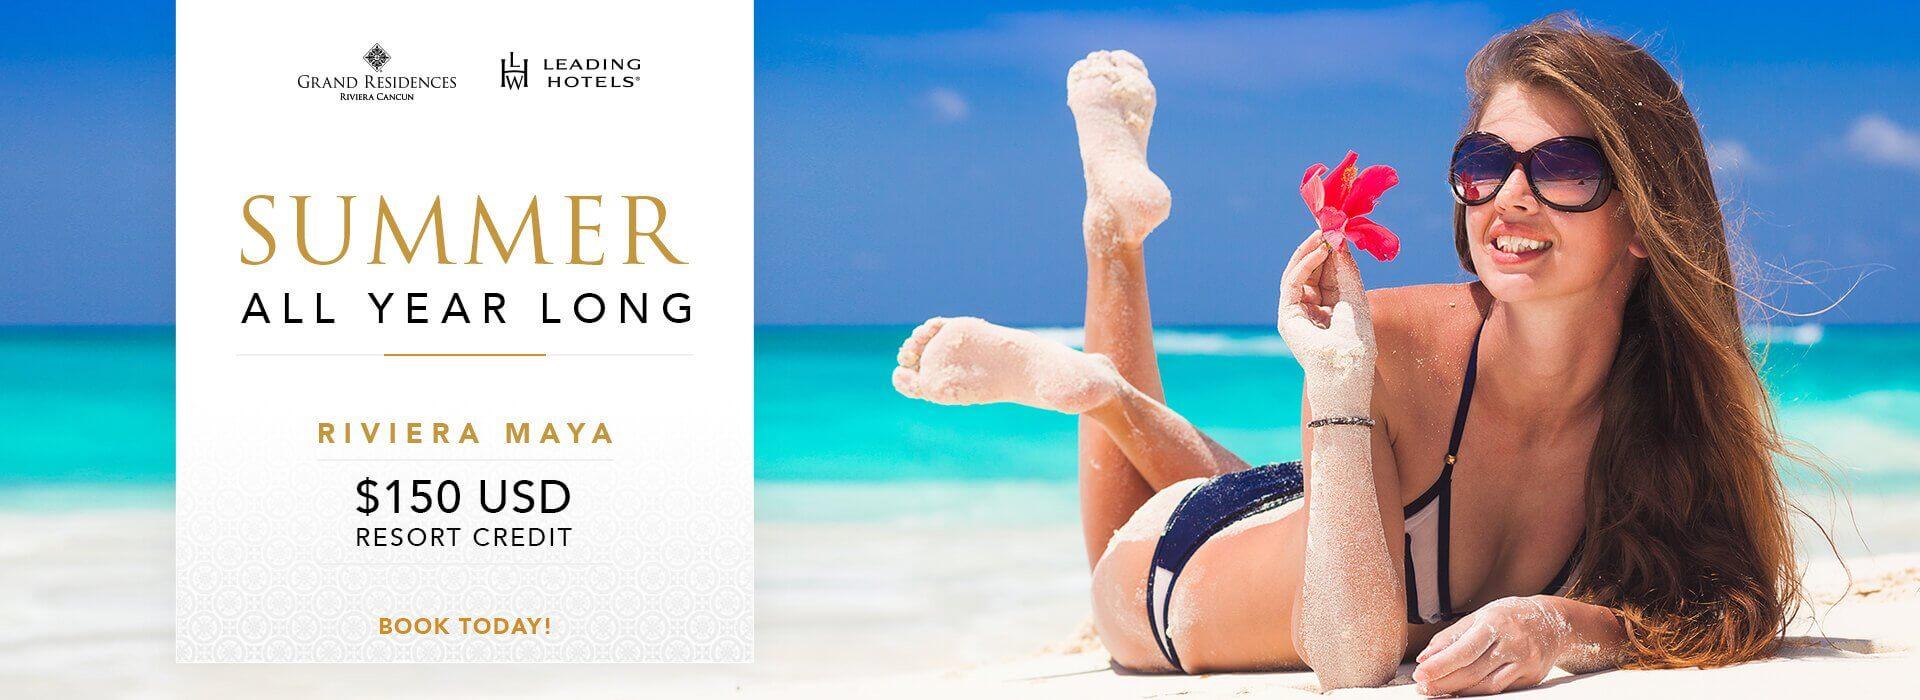 Summer Special Riviera Maya